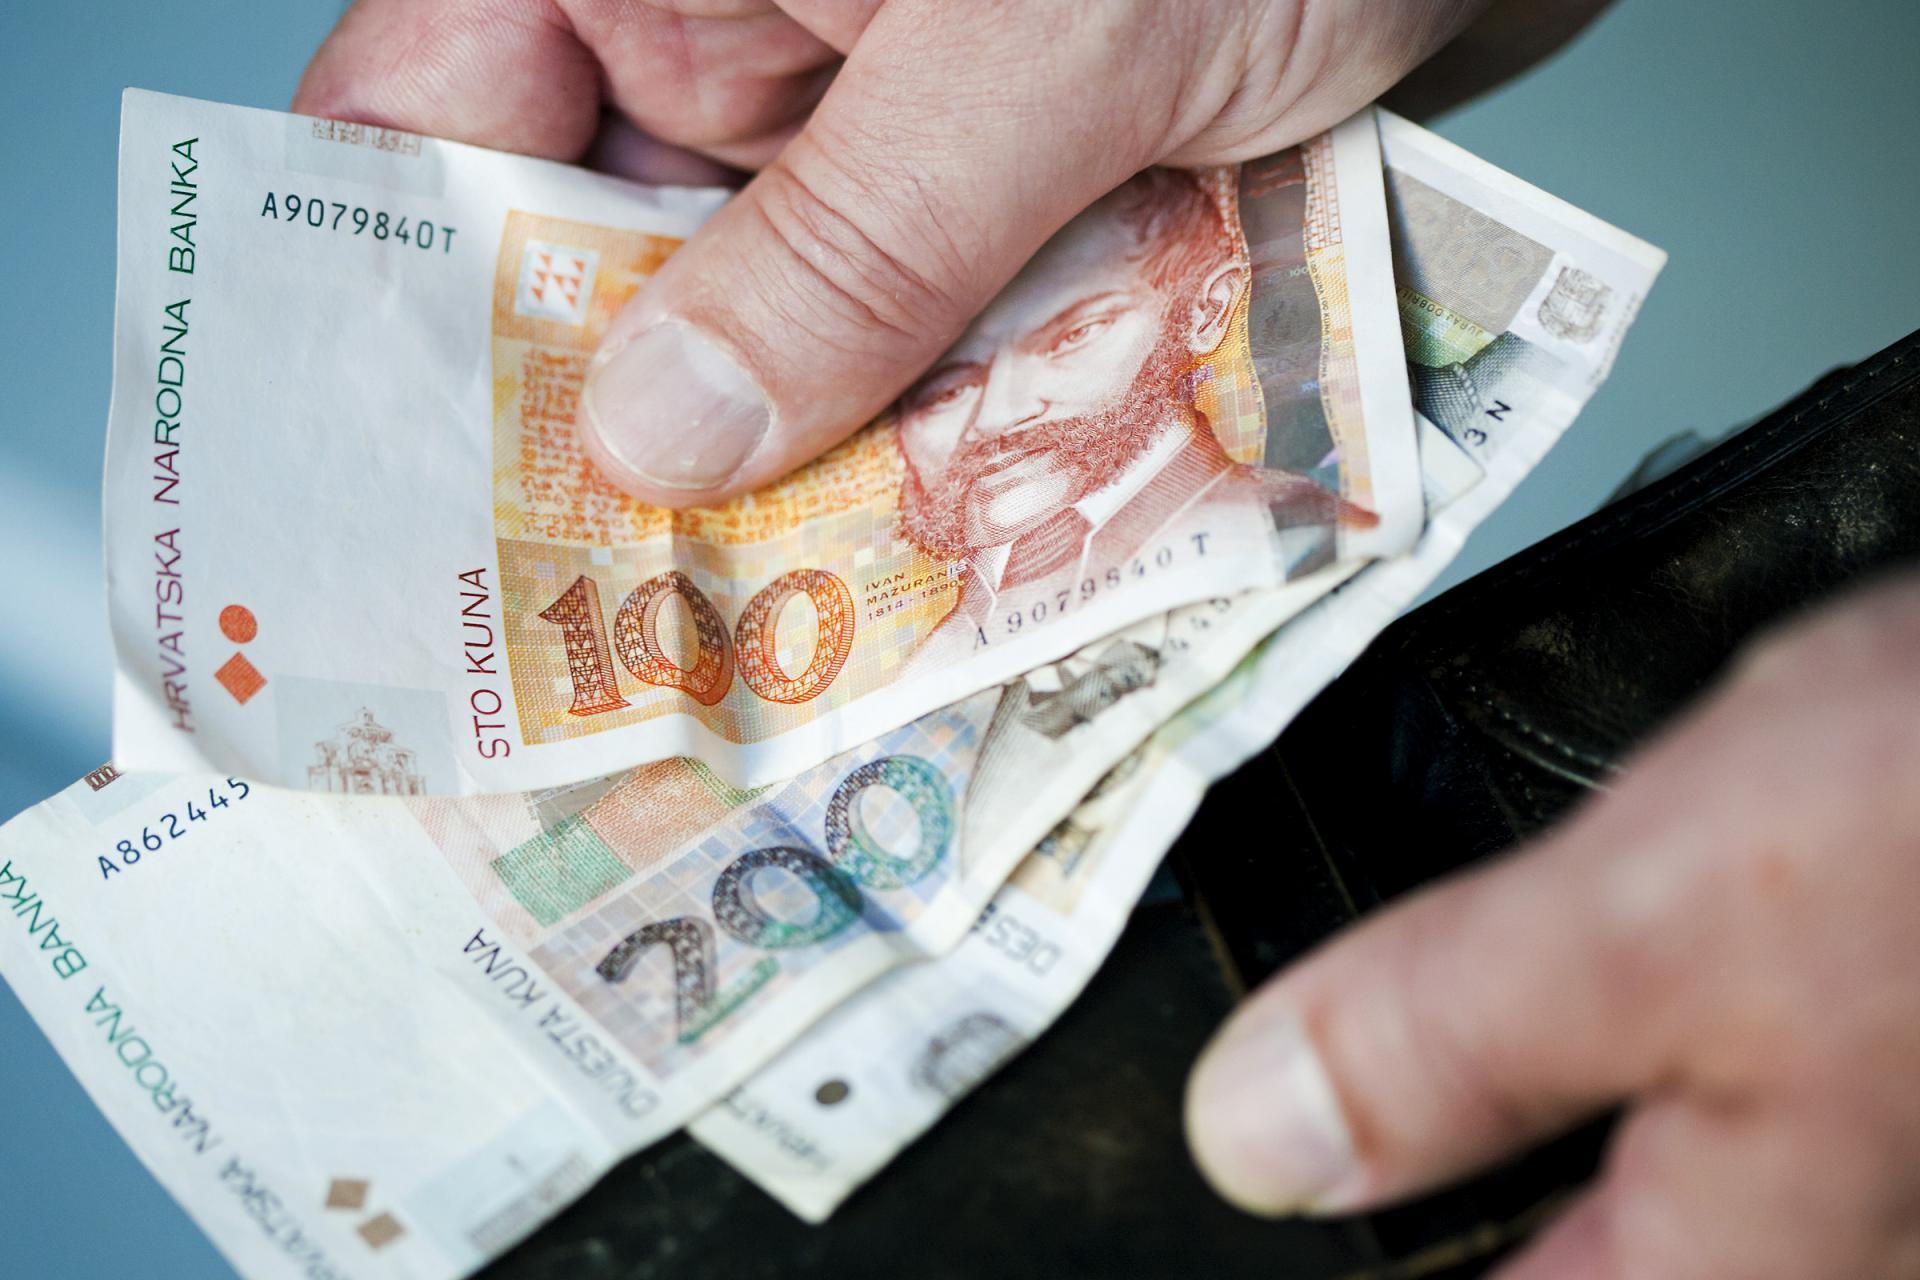 Minimalac u Njemačkoj 1116 eura, Luksemburgu 2000, Hrvatskoj 400, a BiH 208 eura